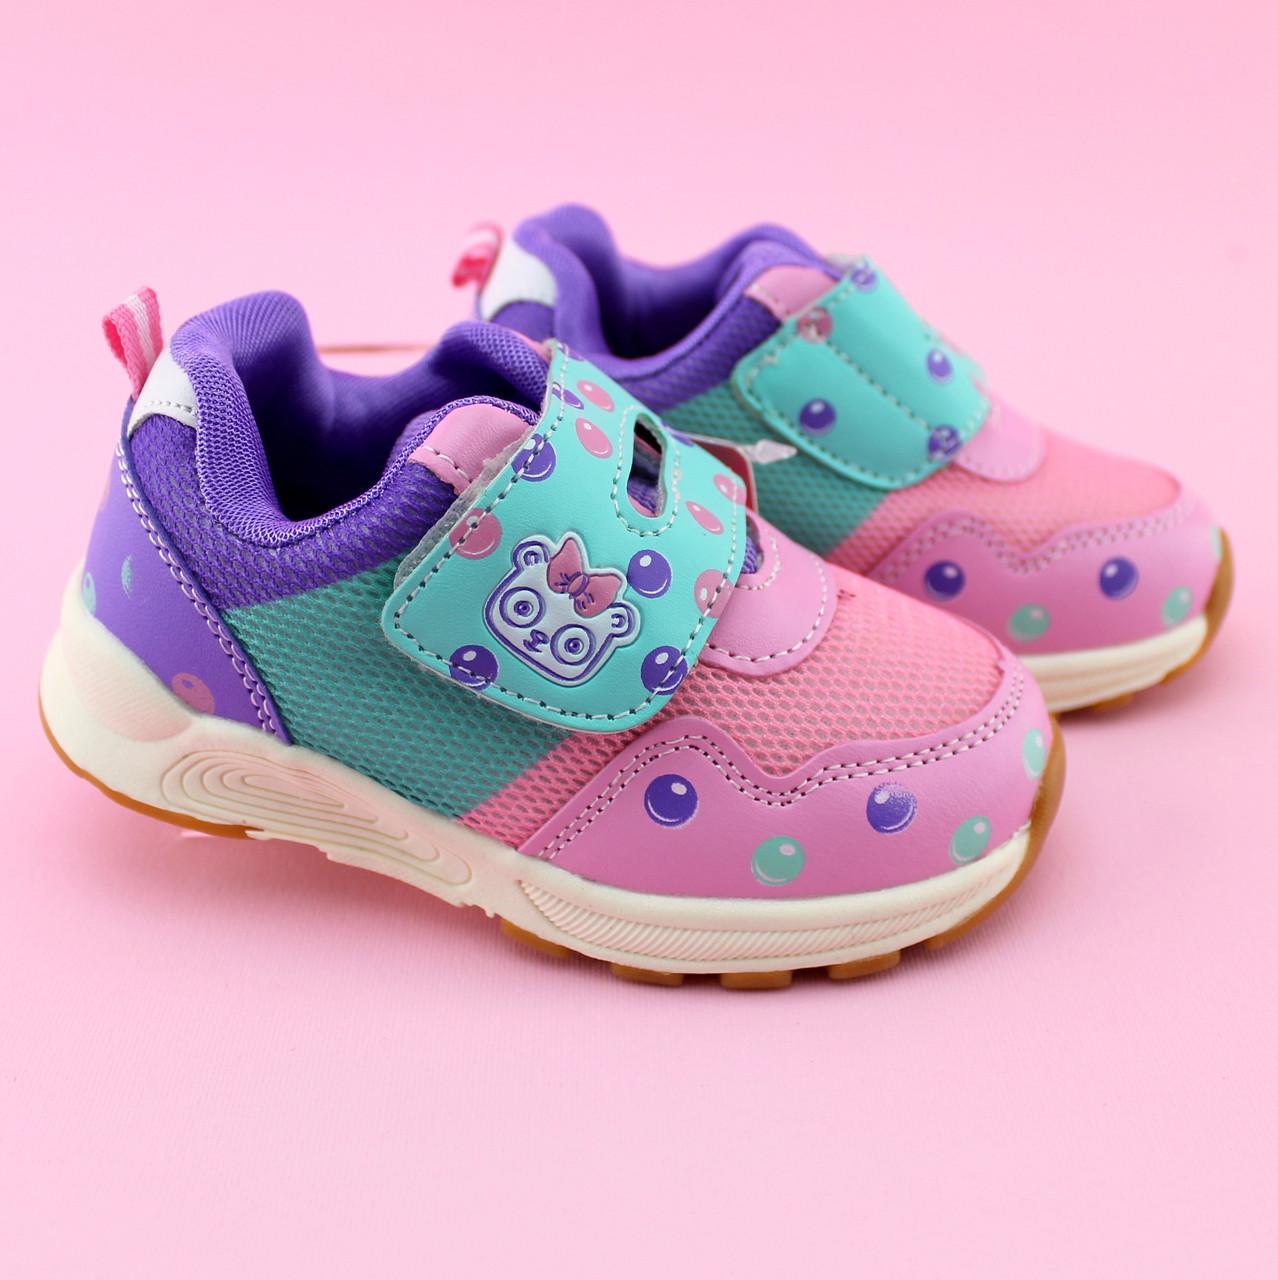 70823574 Купить Детские кроссовки девочке розовые тм Том.м размер 21,22,25 в ...